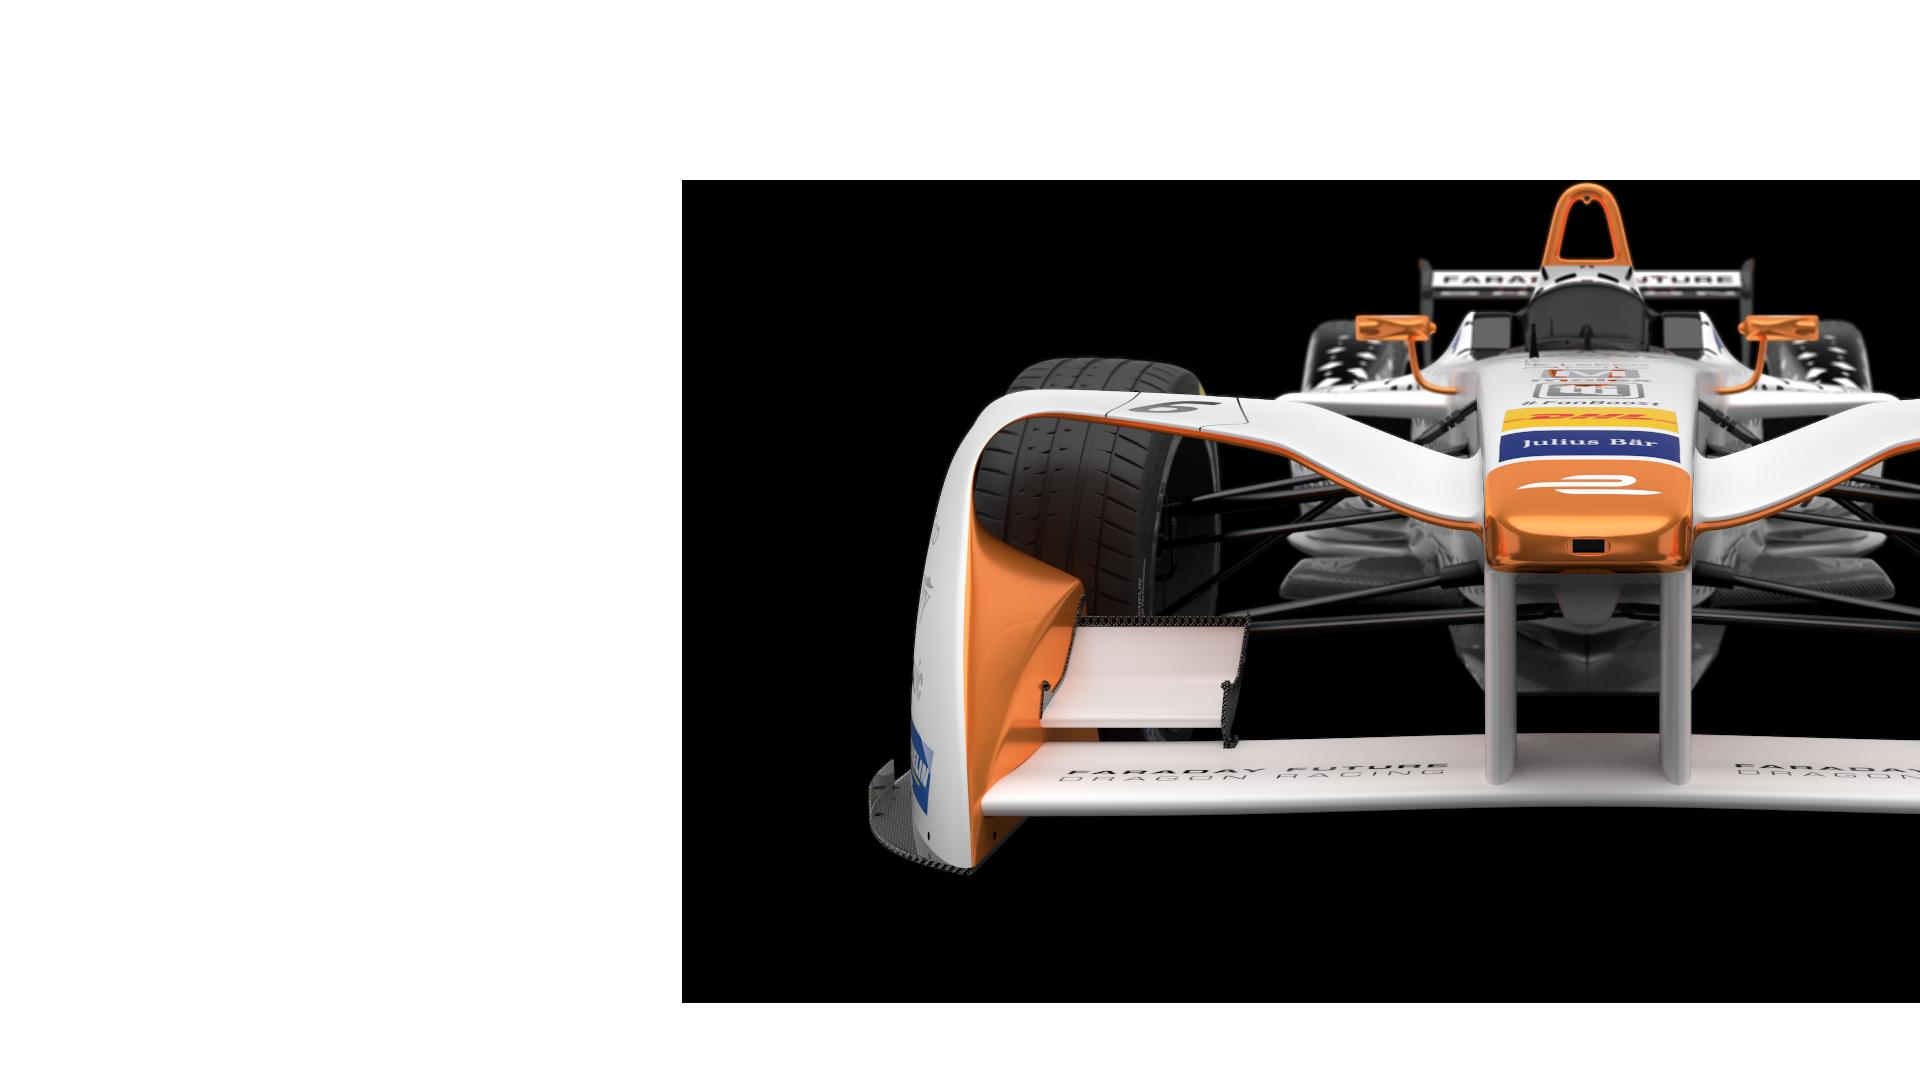 Formula E | Faraday Future Dragon Racing